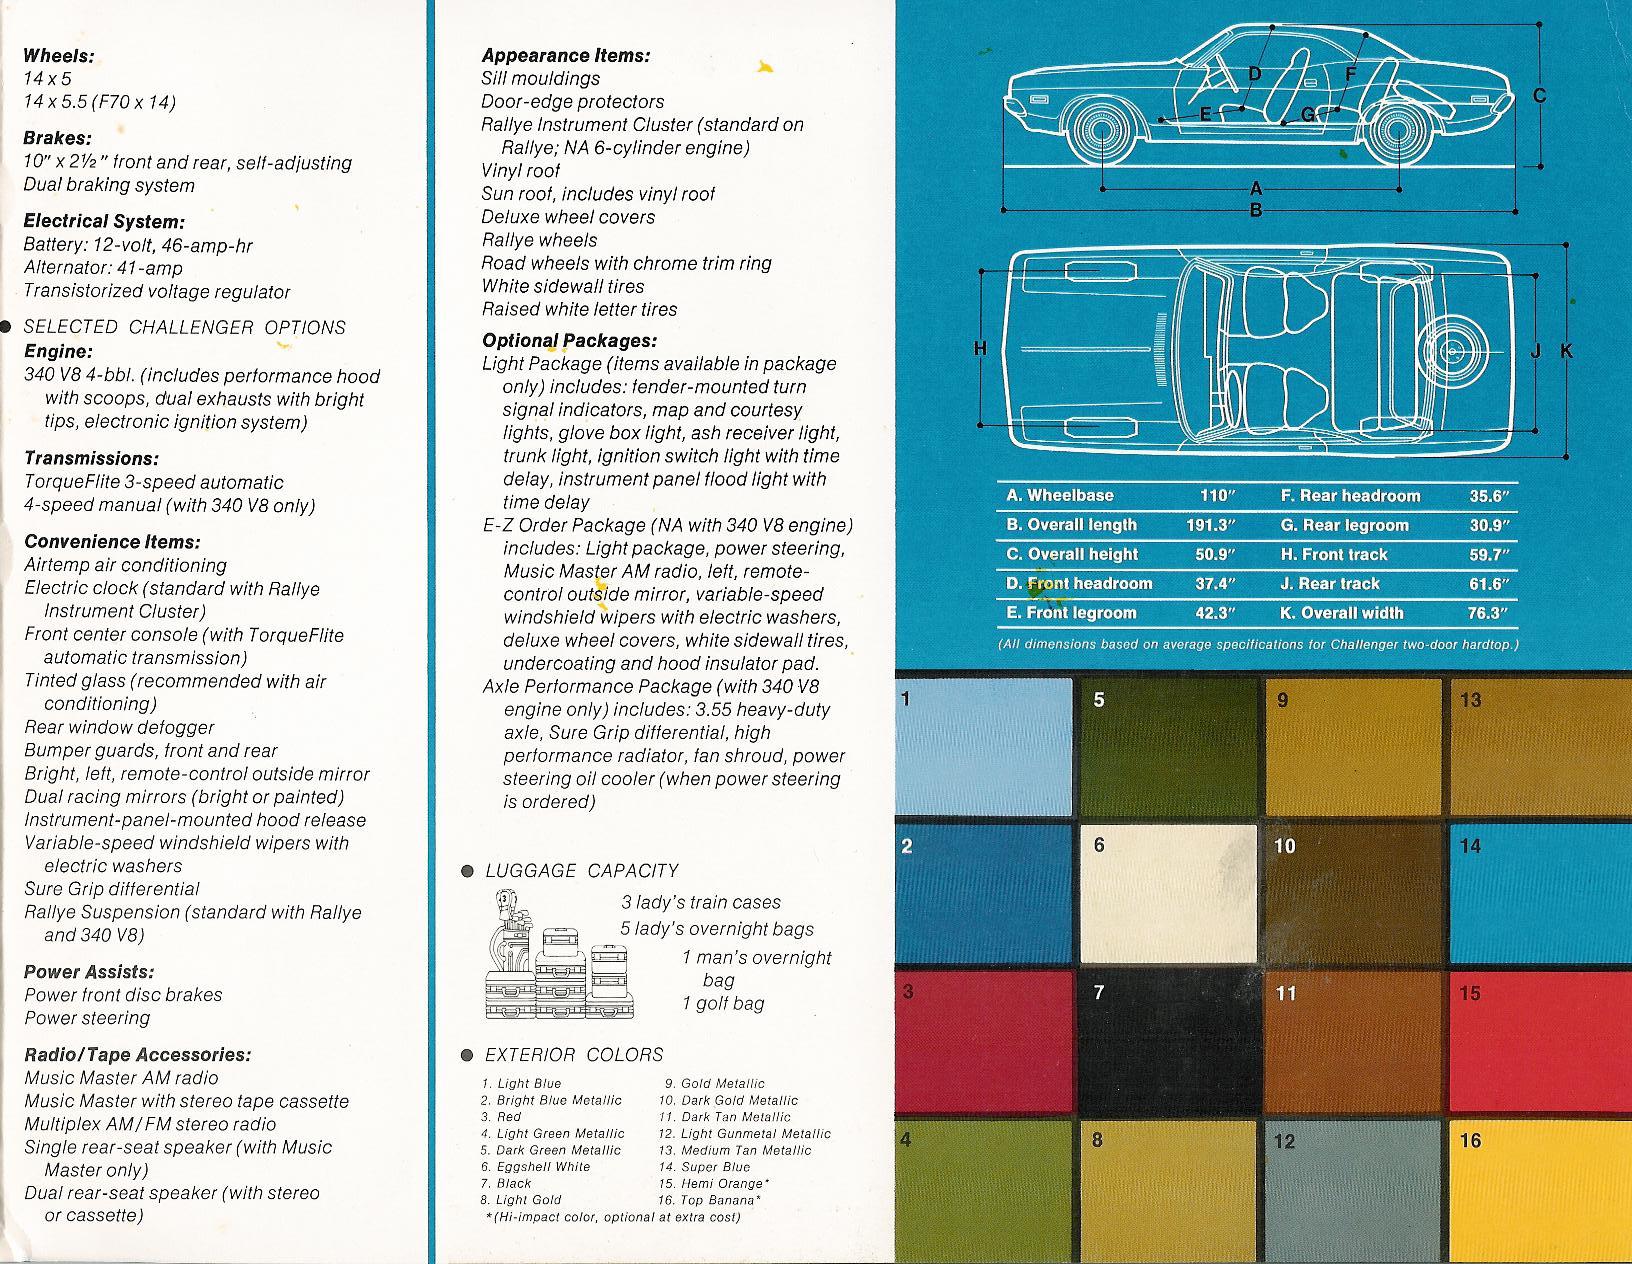 Media - Challenger Brochure